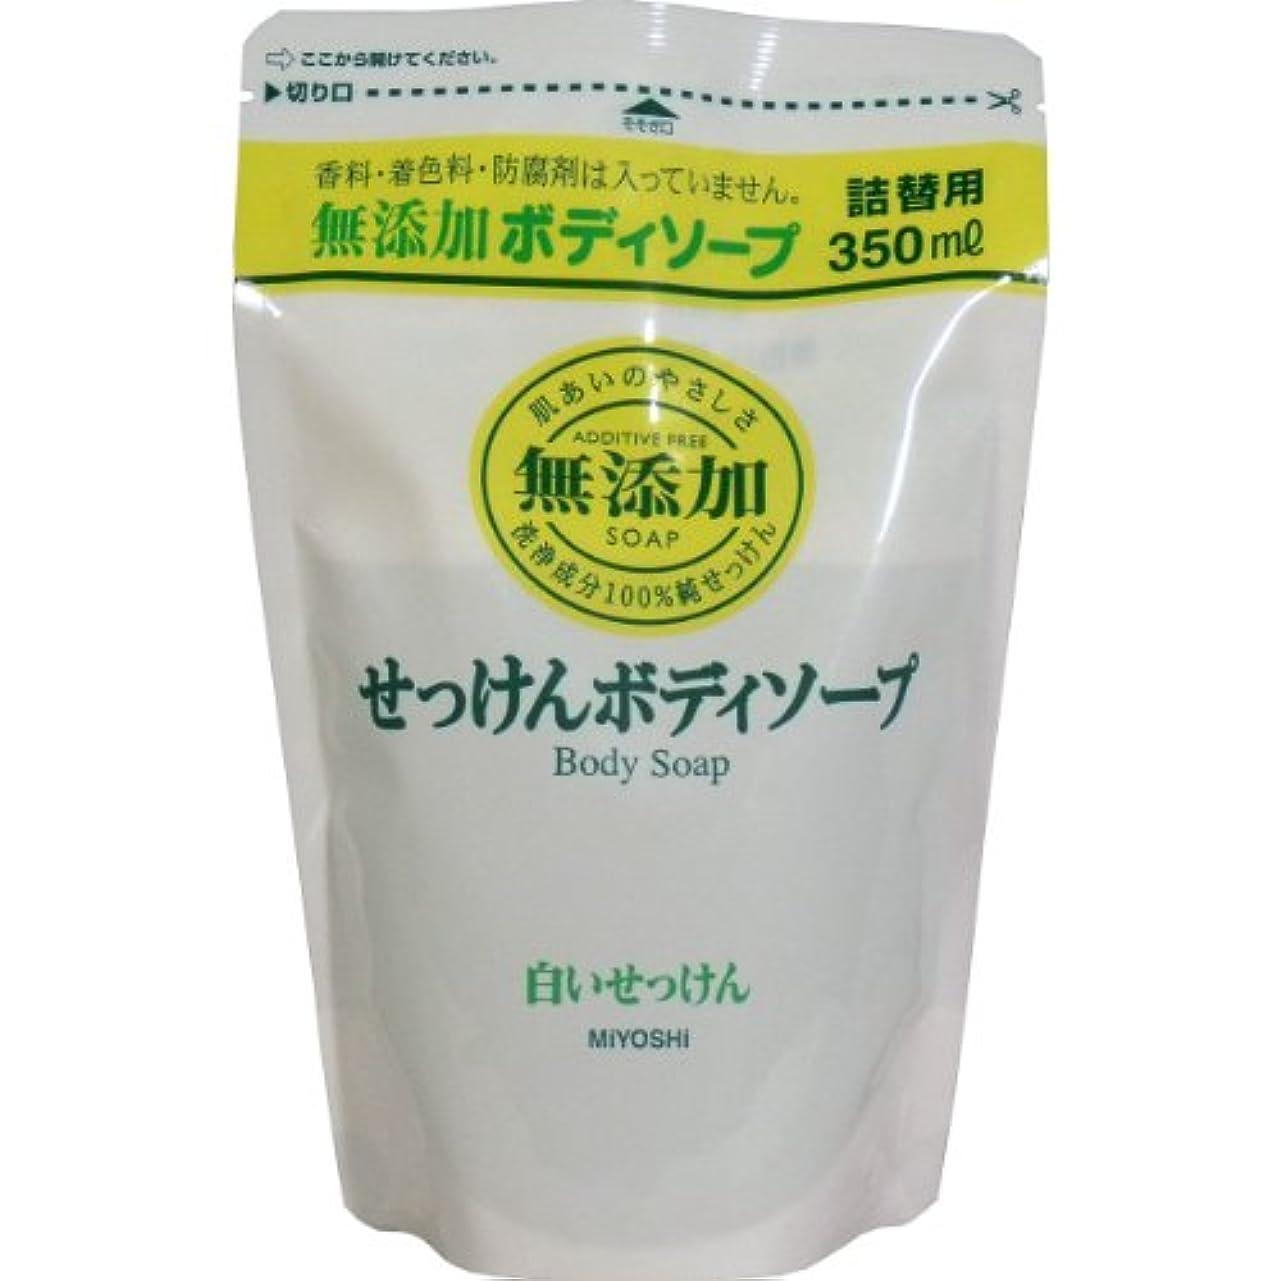 可能性知り合いミシン目無添加 ボディソープ 白い石けん つめかえ用 350ml(無添加石鹸) 7セット